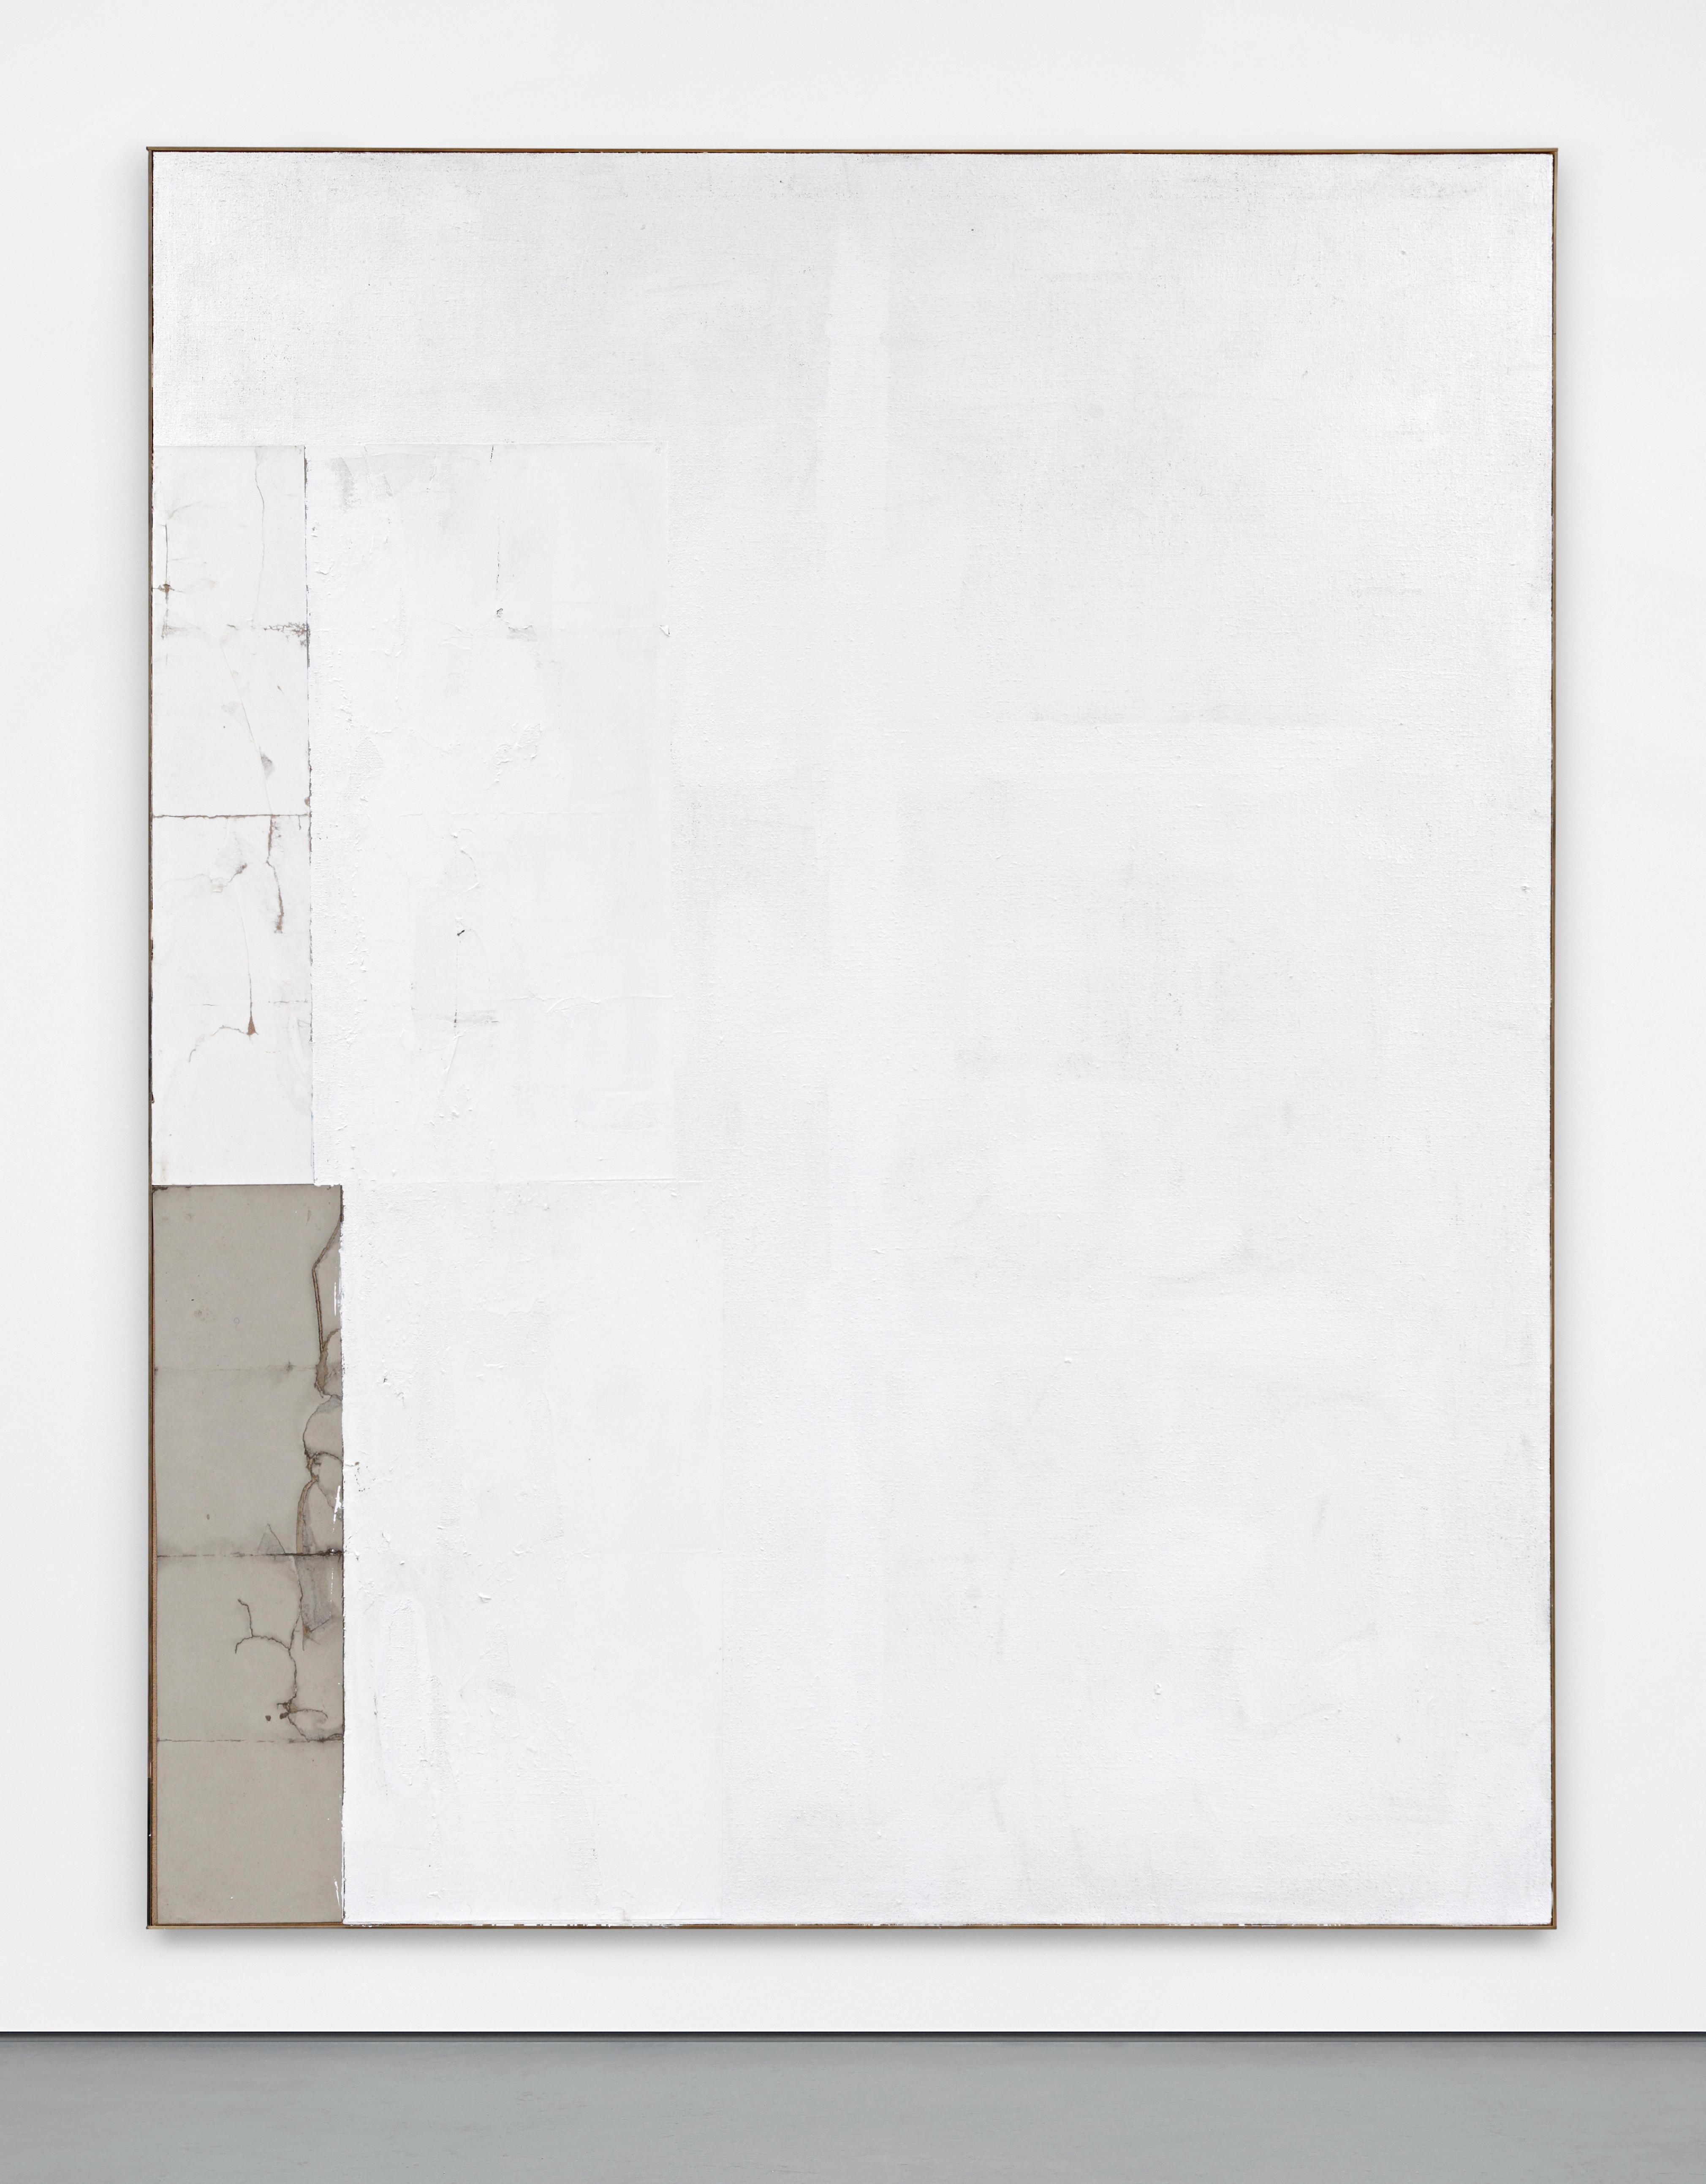 David Ostrowski-F (Lieber Nackt als Gefuhlsleben zeigen)-2013